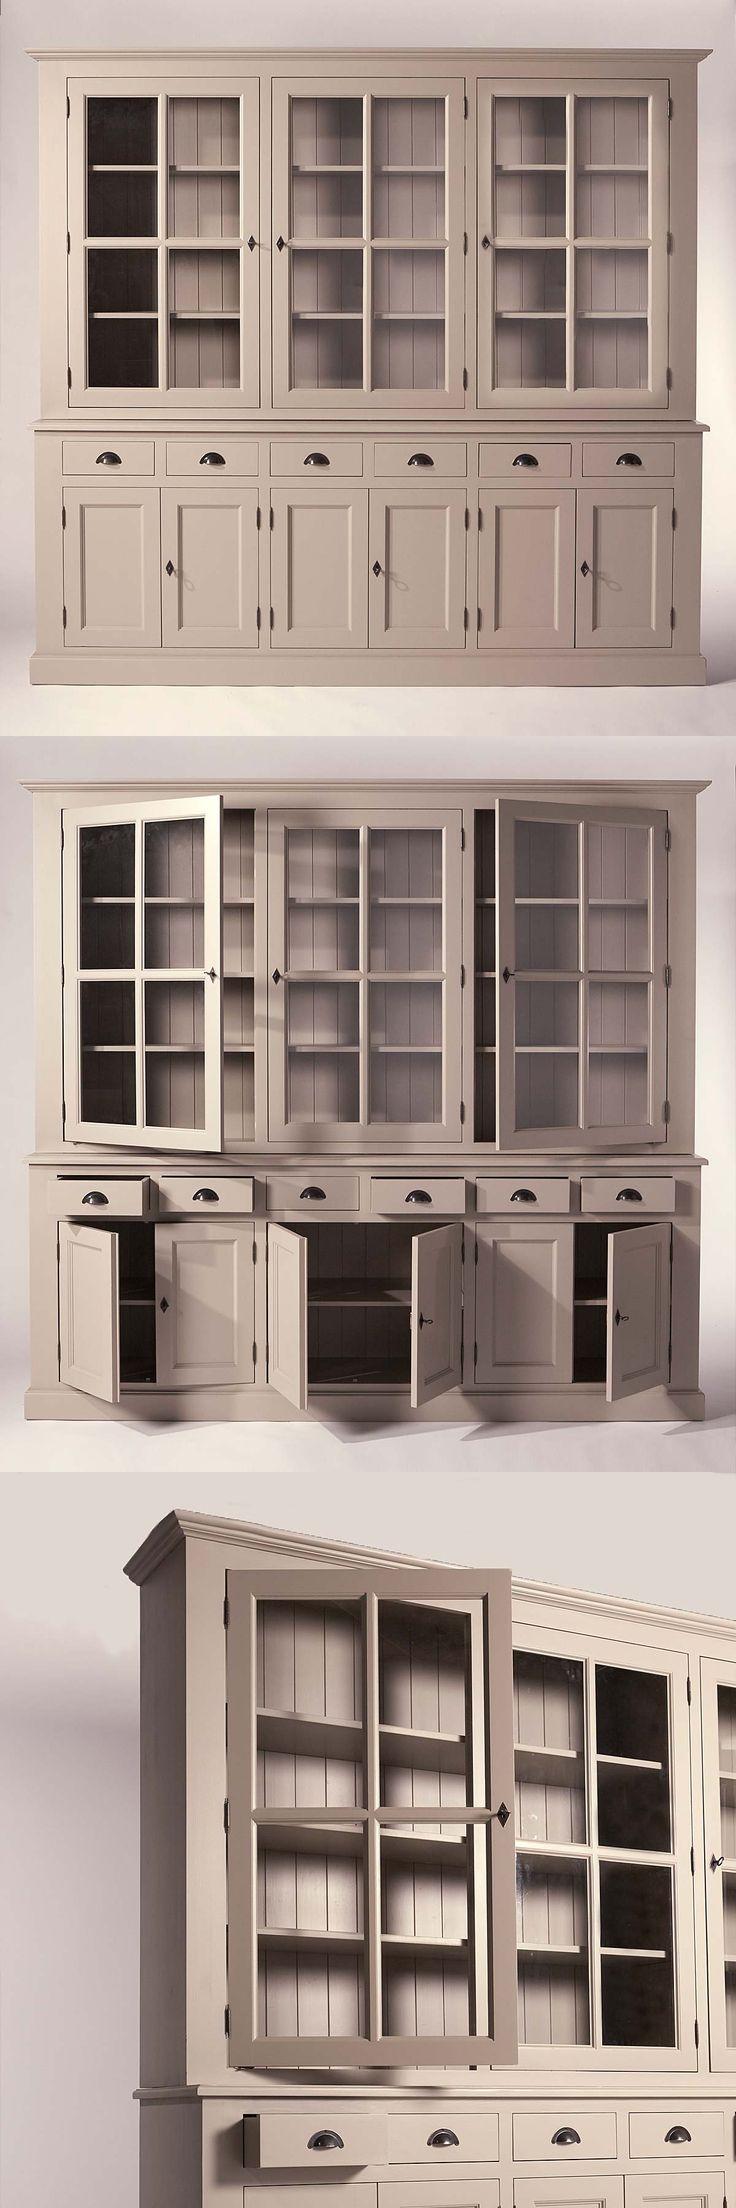 Grand #buffet #vaisselier couleur taupe. Le meuble comprend un grand nombre de rangements avec ses portes battantes et ses tiroirs. Style indémodable, s'adapte à tout type d'intérieur.